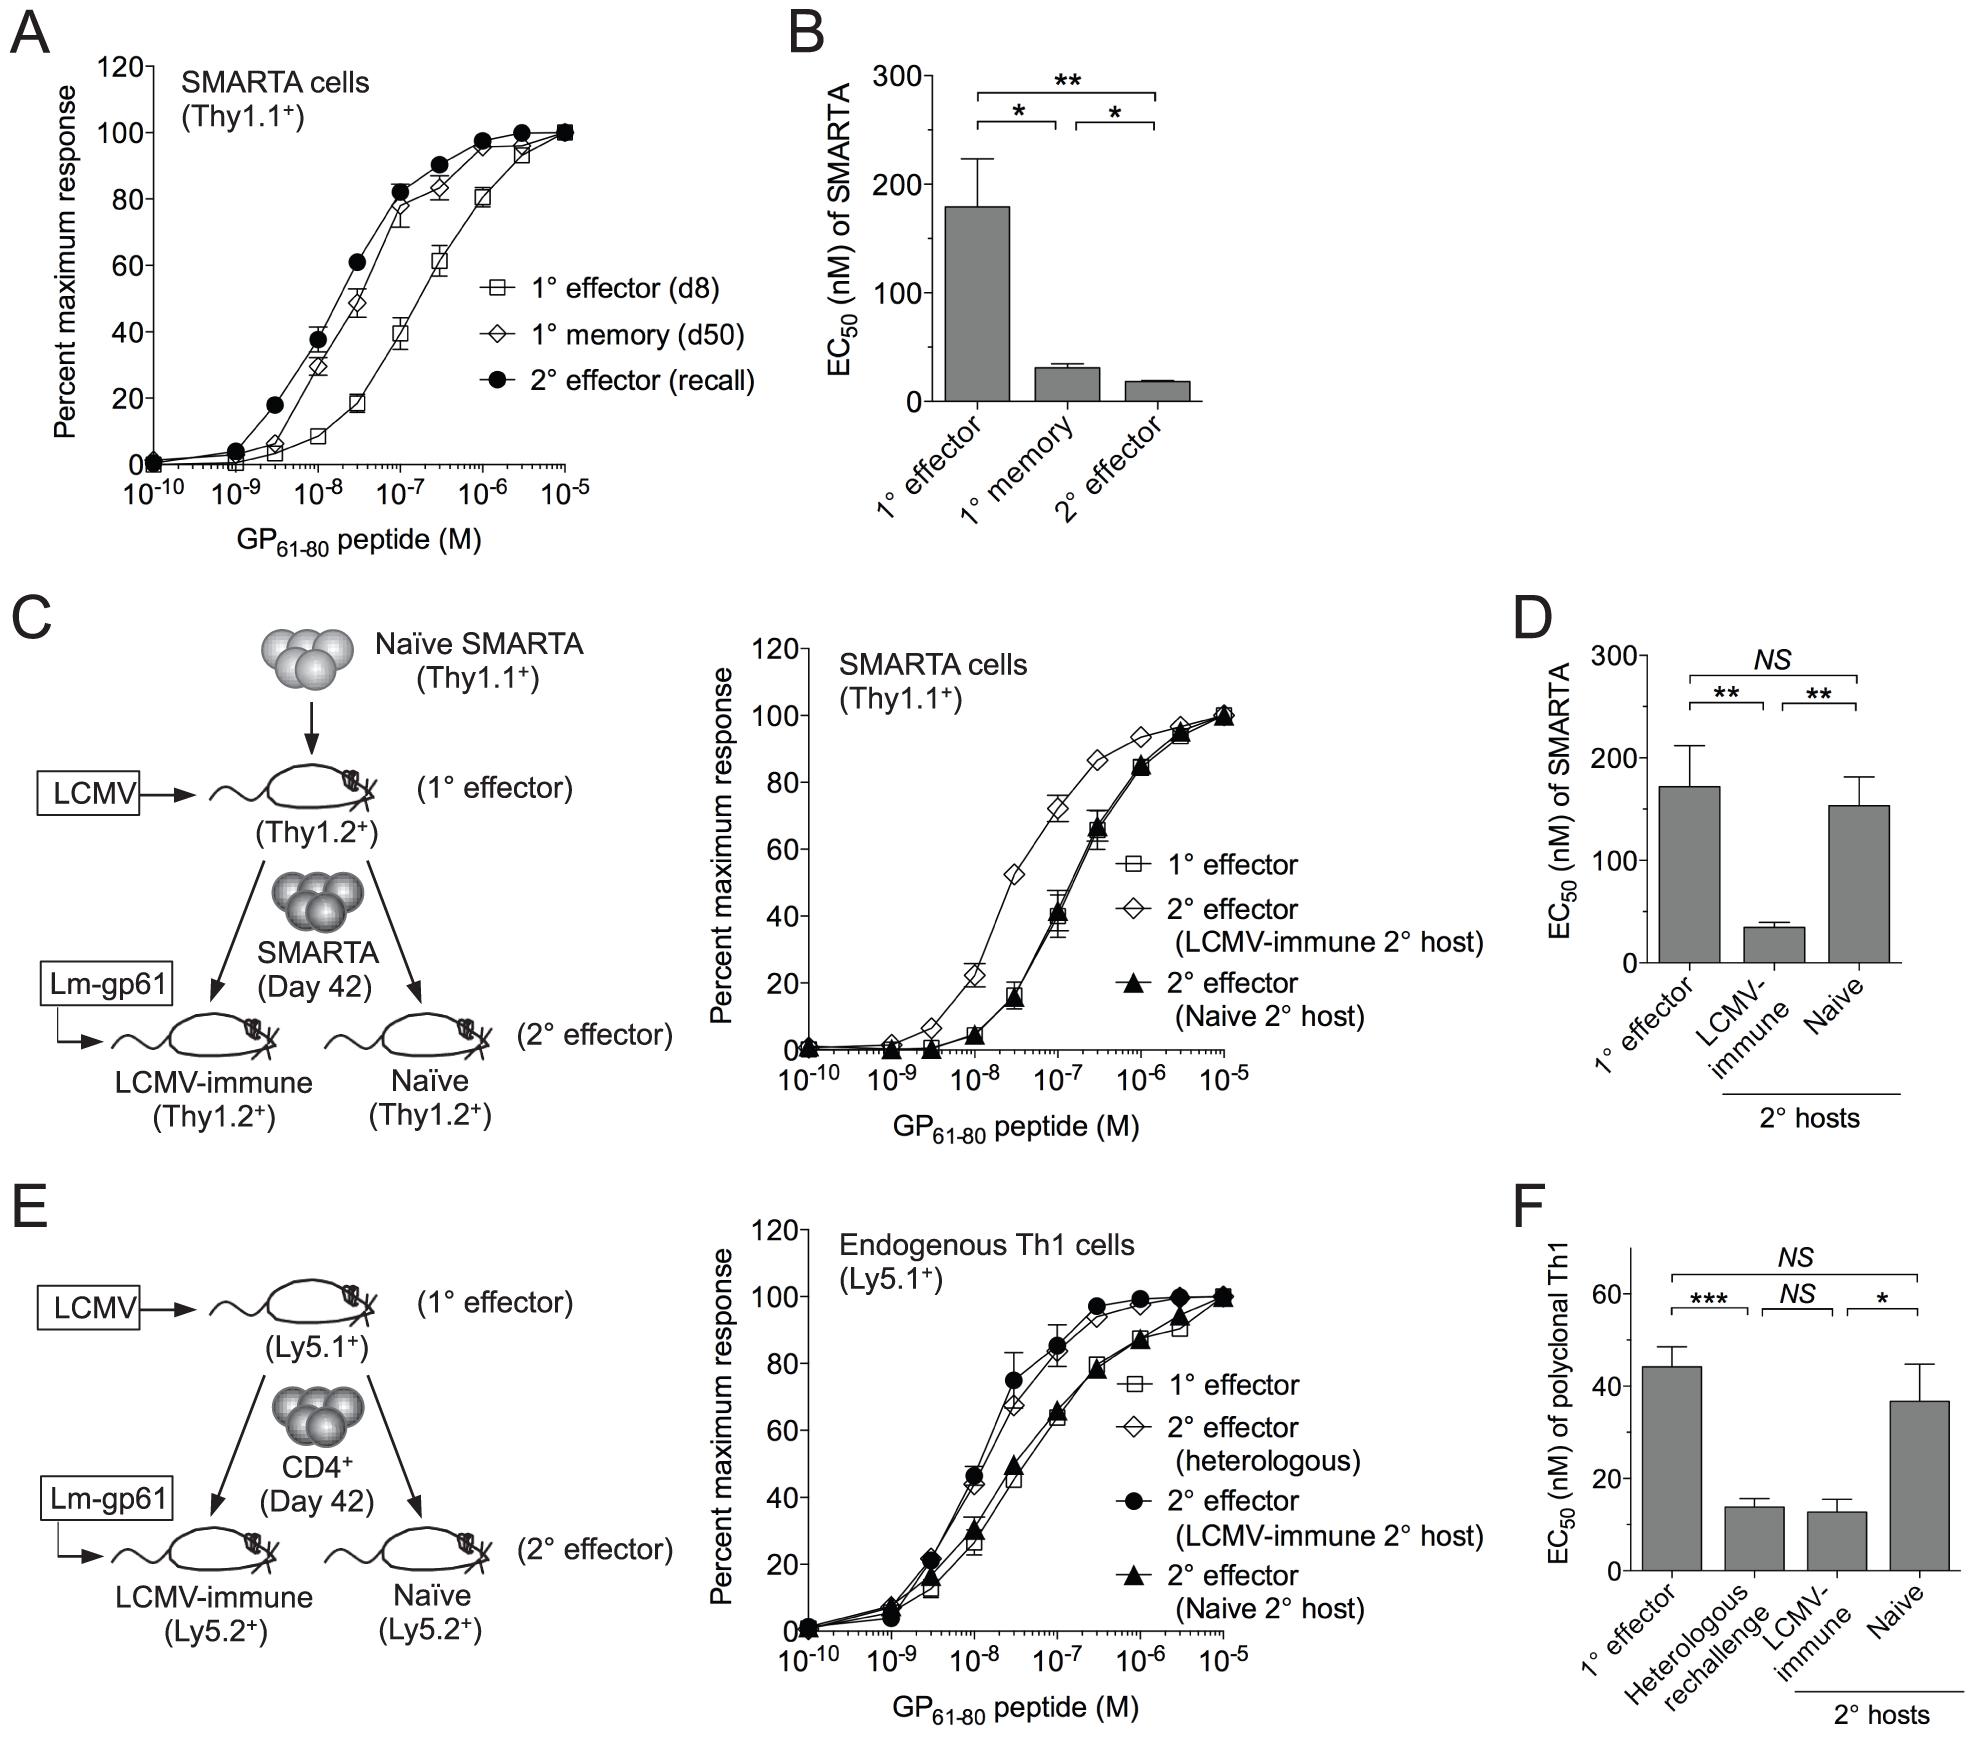 SMARTA memory cells lose functional avidity following heterologous rechallenge in naïve but not immune hosts.